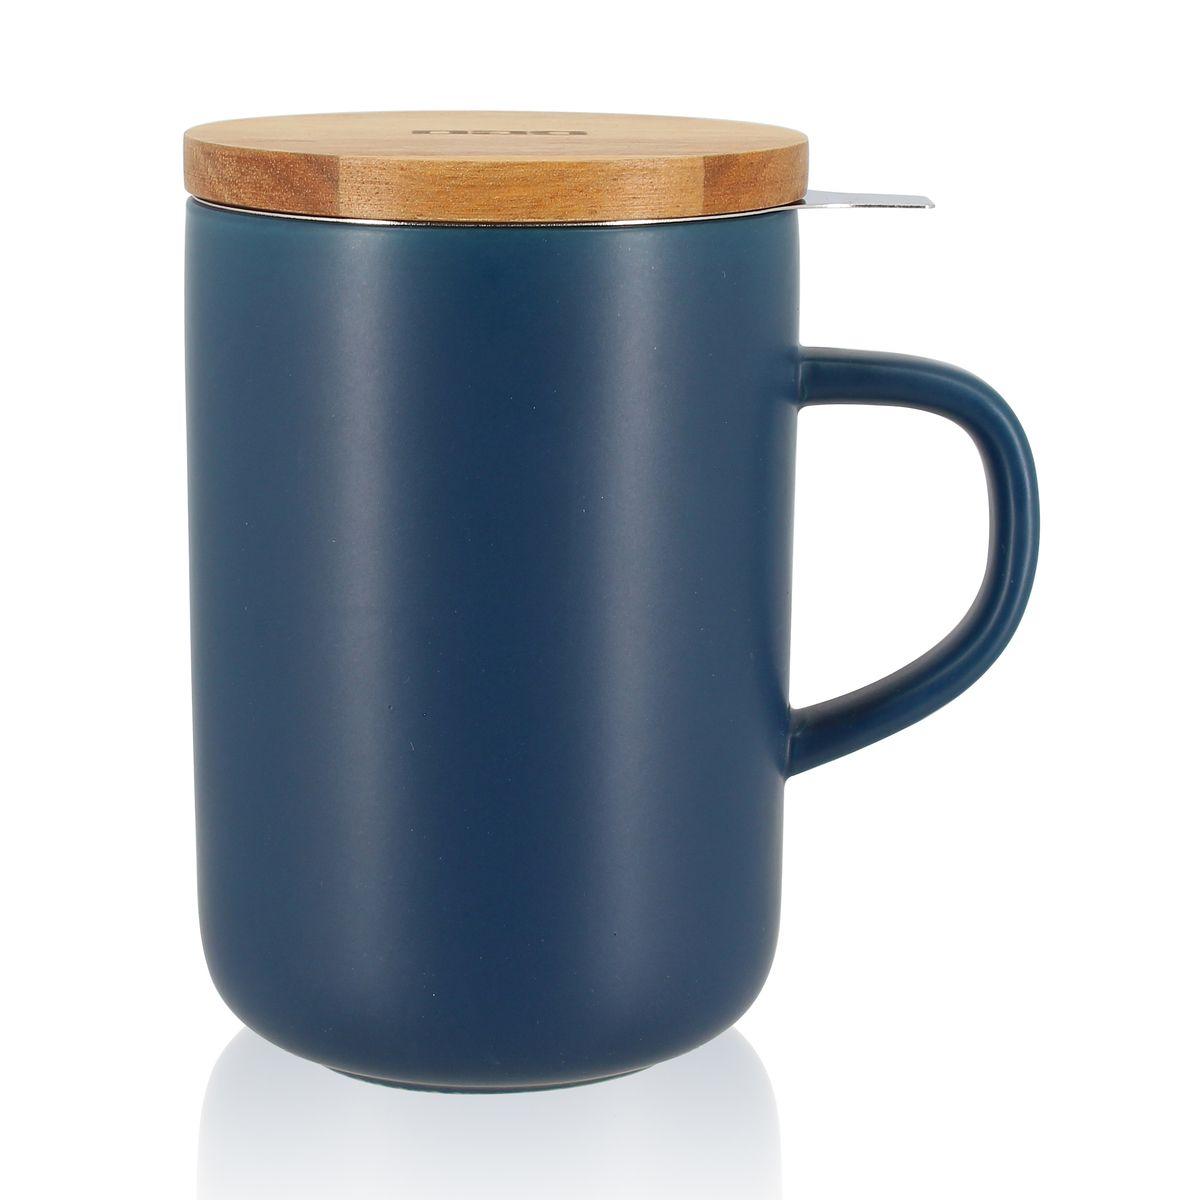 Tisanière en grès couvercle bois bleu 475ml - Ogo